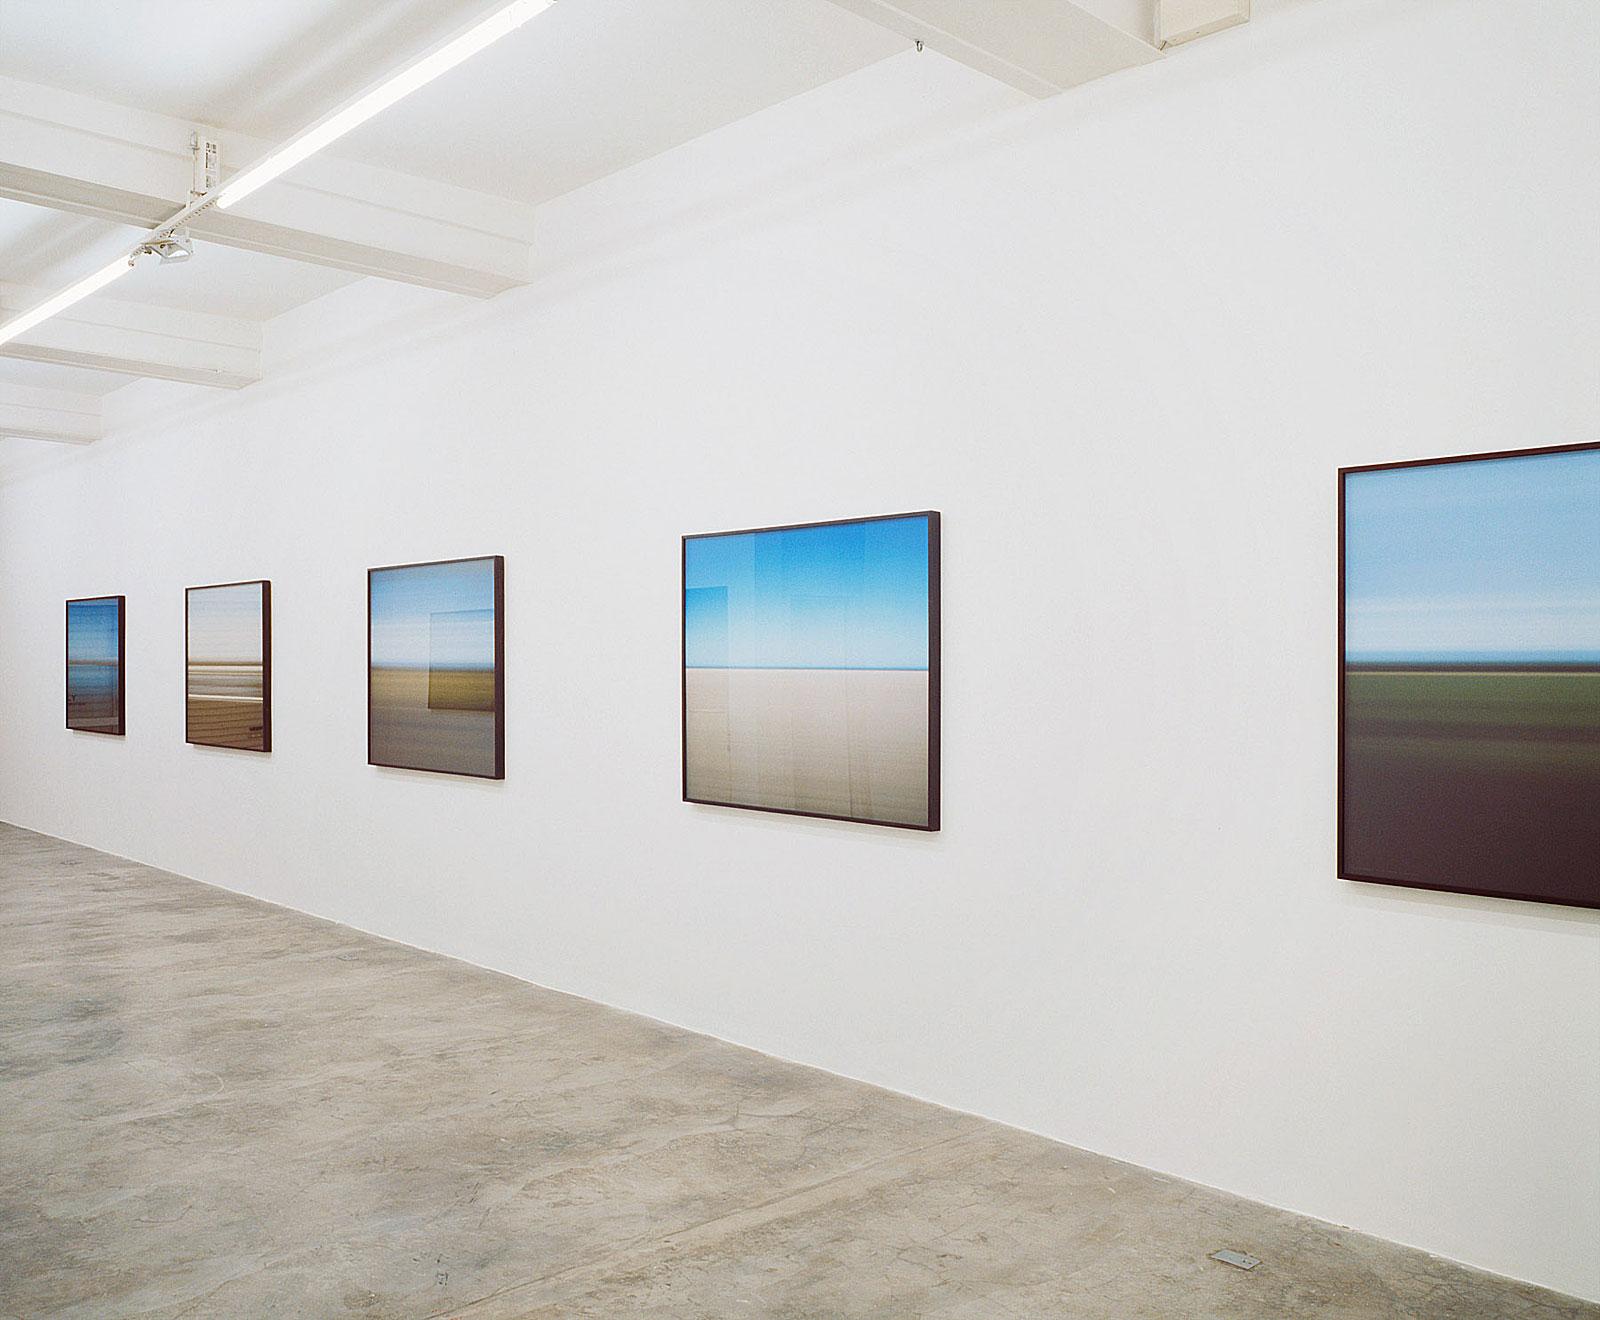 East German Landscape + Open Shutter, Galeria Baró Cruz, São Paulo, Galeria Baró Cruz, São Paulo